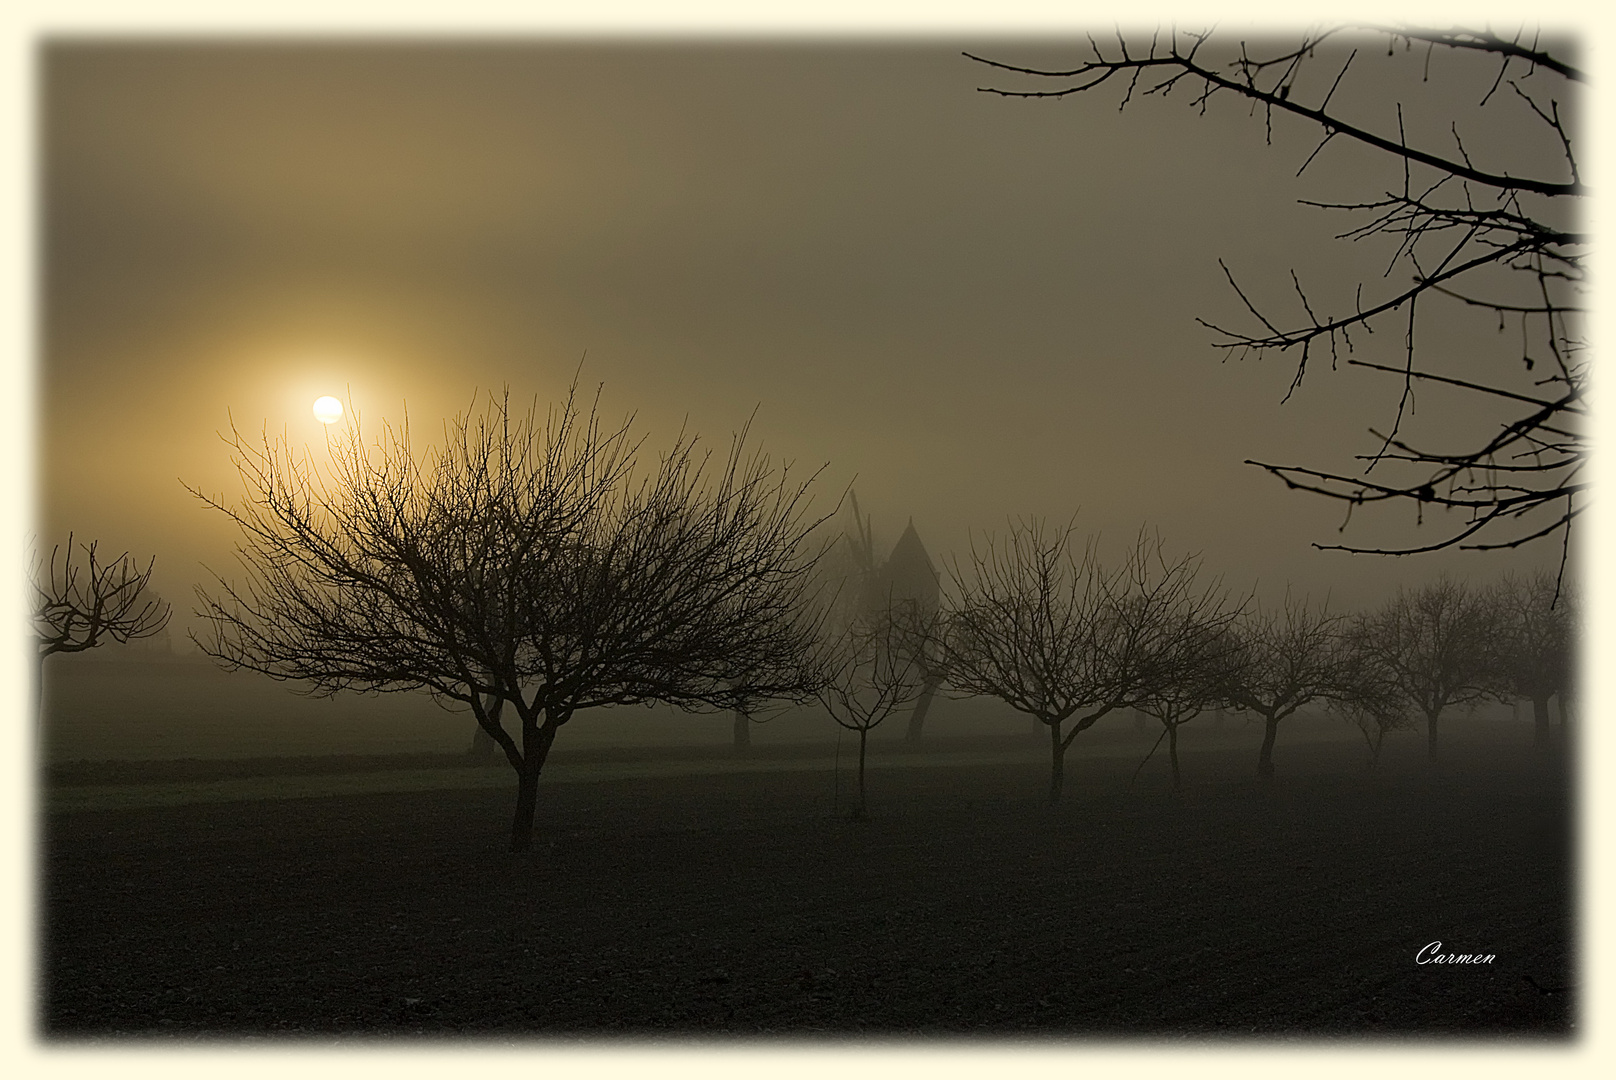 Un día de niebla... (DEDICADA A IÑAKI MATURANA Y BEGO)